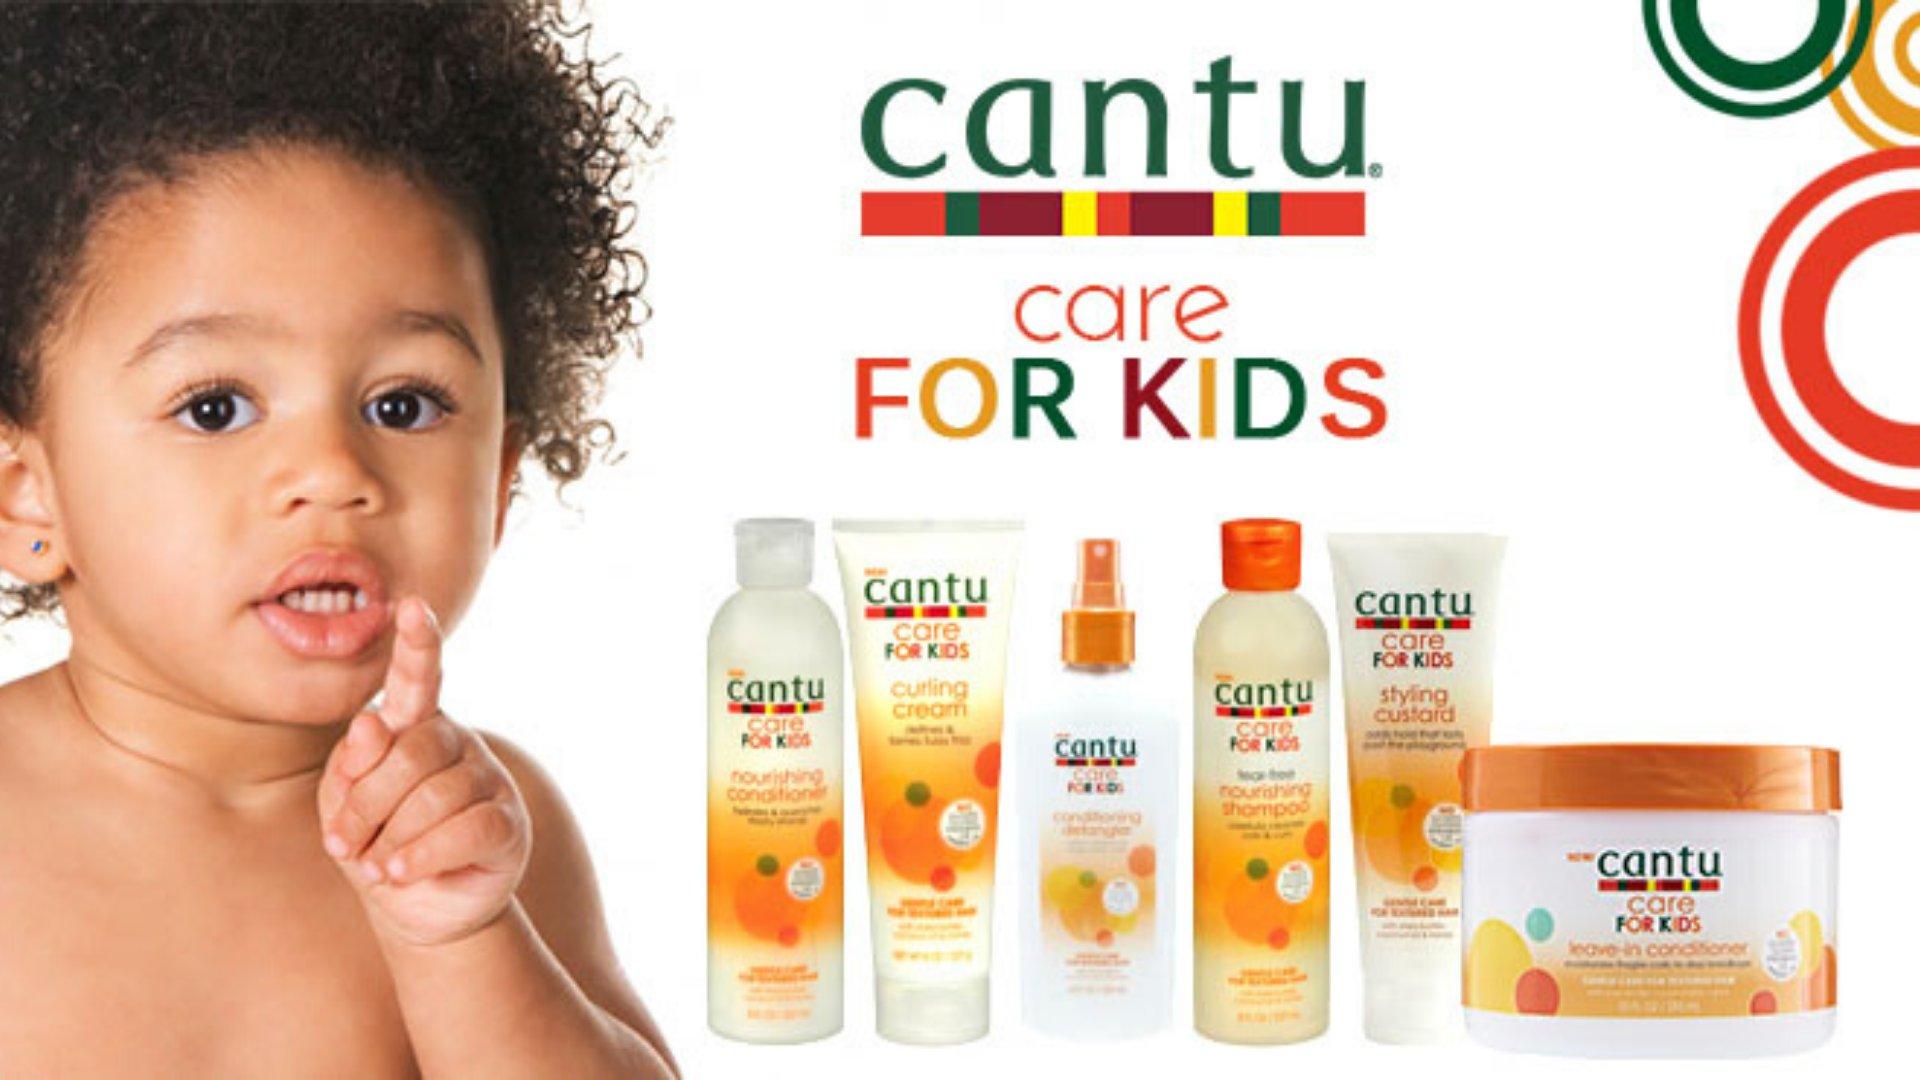 fiche produit ebcosmetique cantu shea butter care for kids curling cream